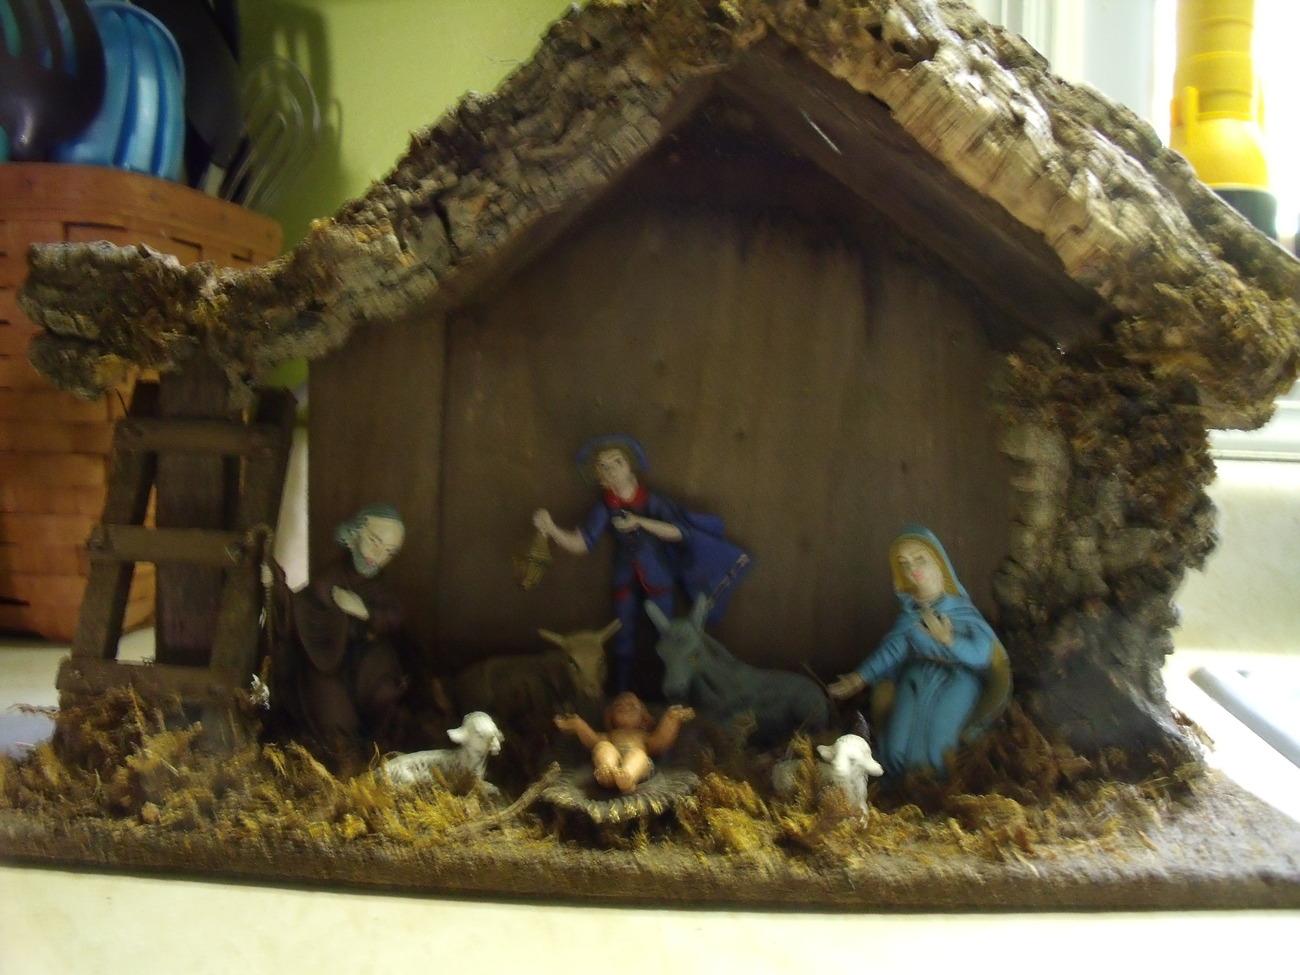 Holiday nativity scene